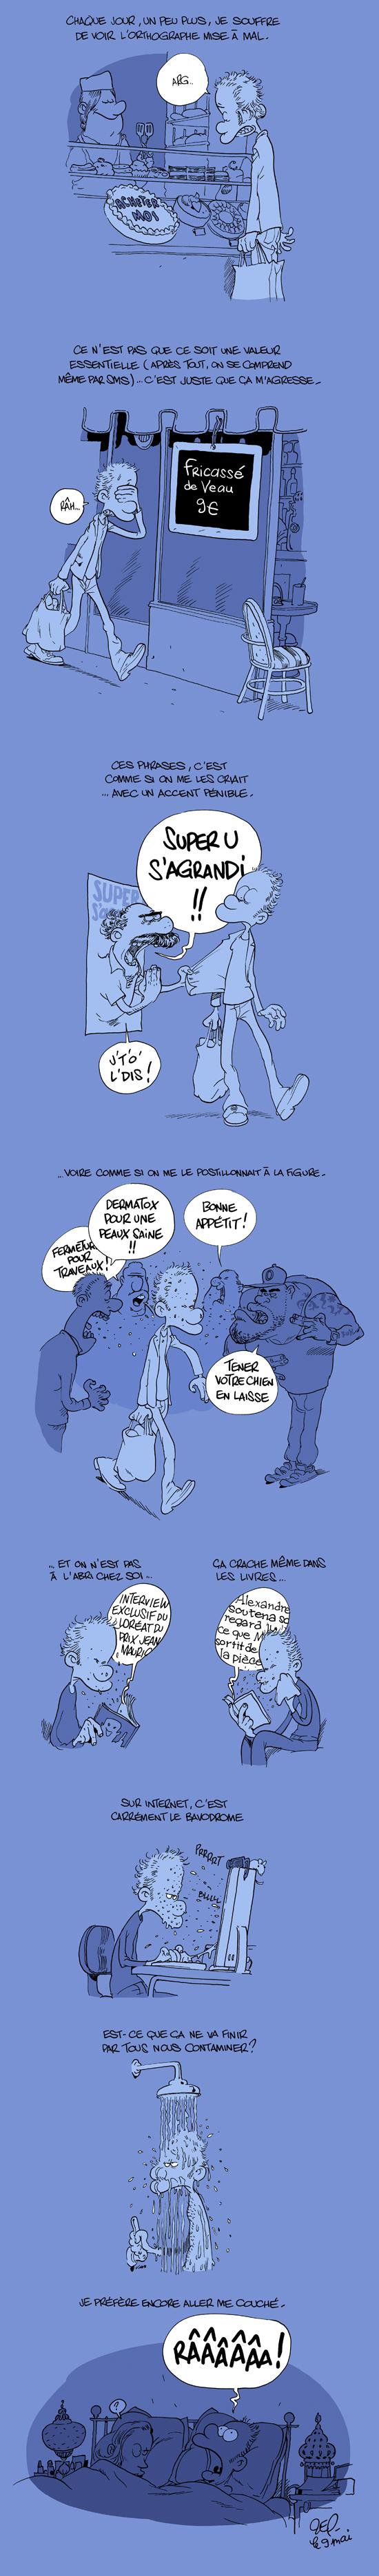 ça m'énerve - Page 5 Www66colorOK